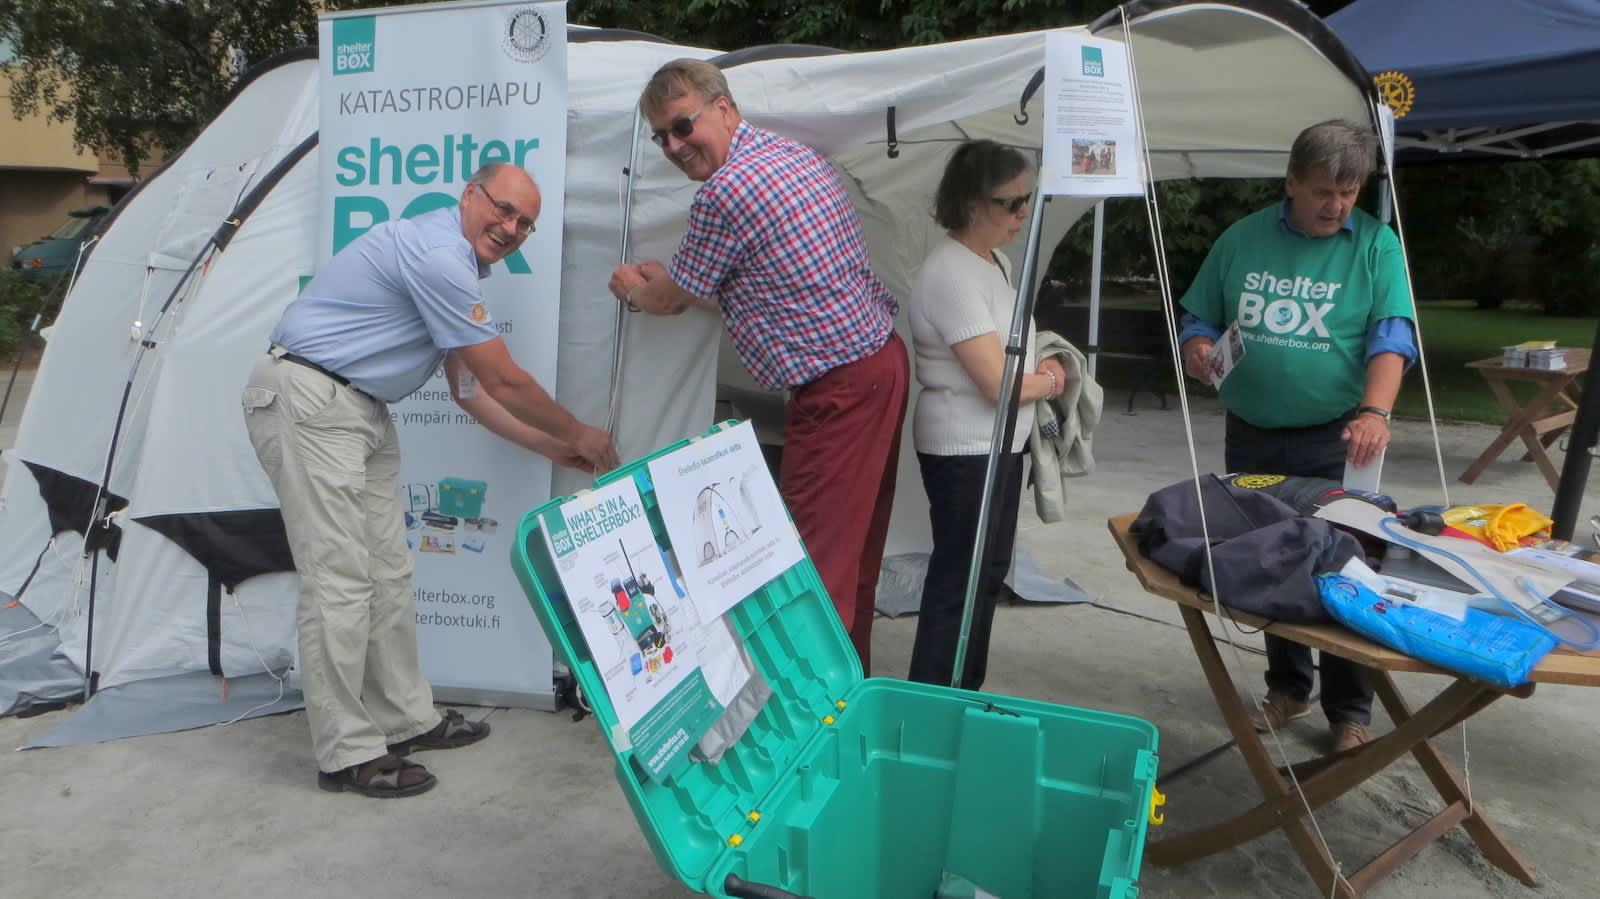 Vihreä shelter box muovilaatikko sisältää kodin. Teltan naruja kiristävät Pekka Huovila ja Tapio Vihersaari.